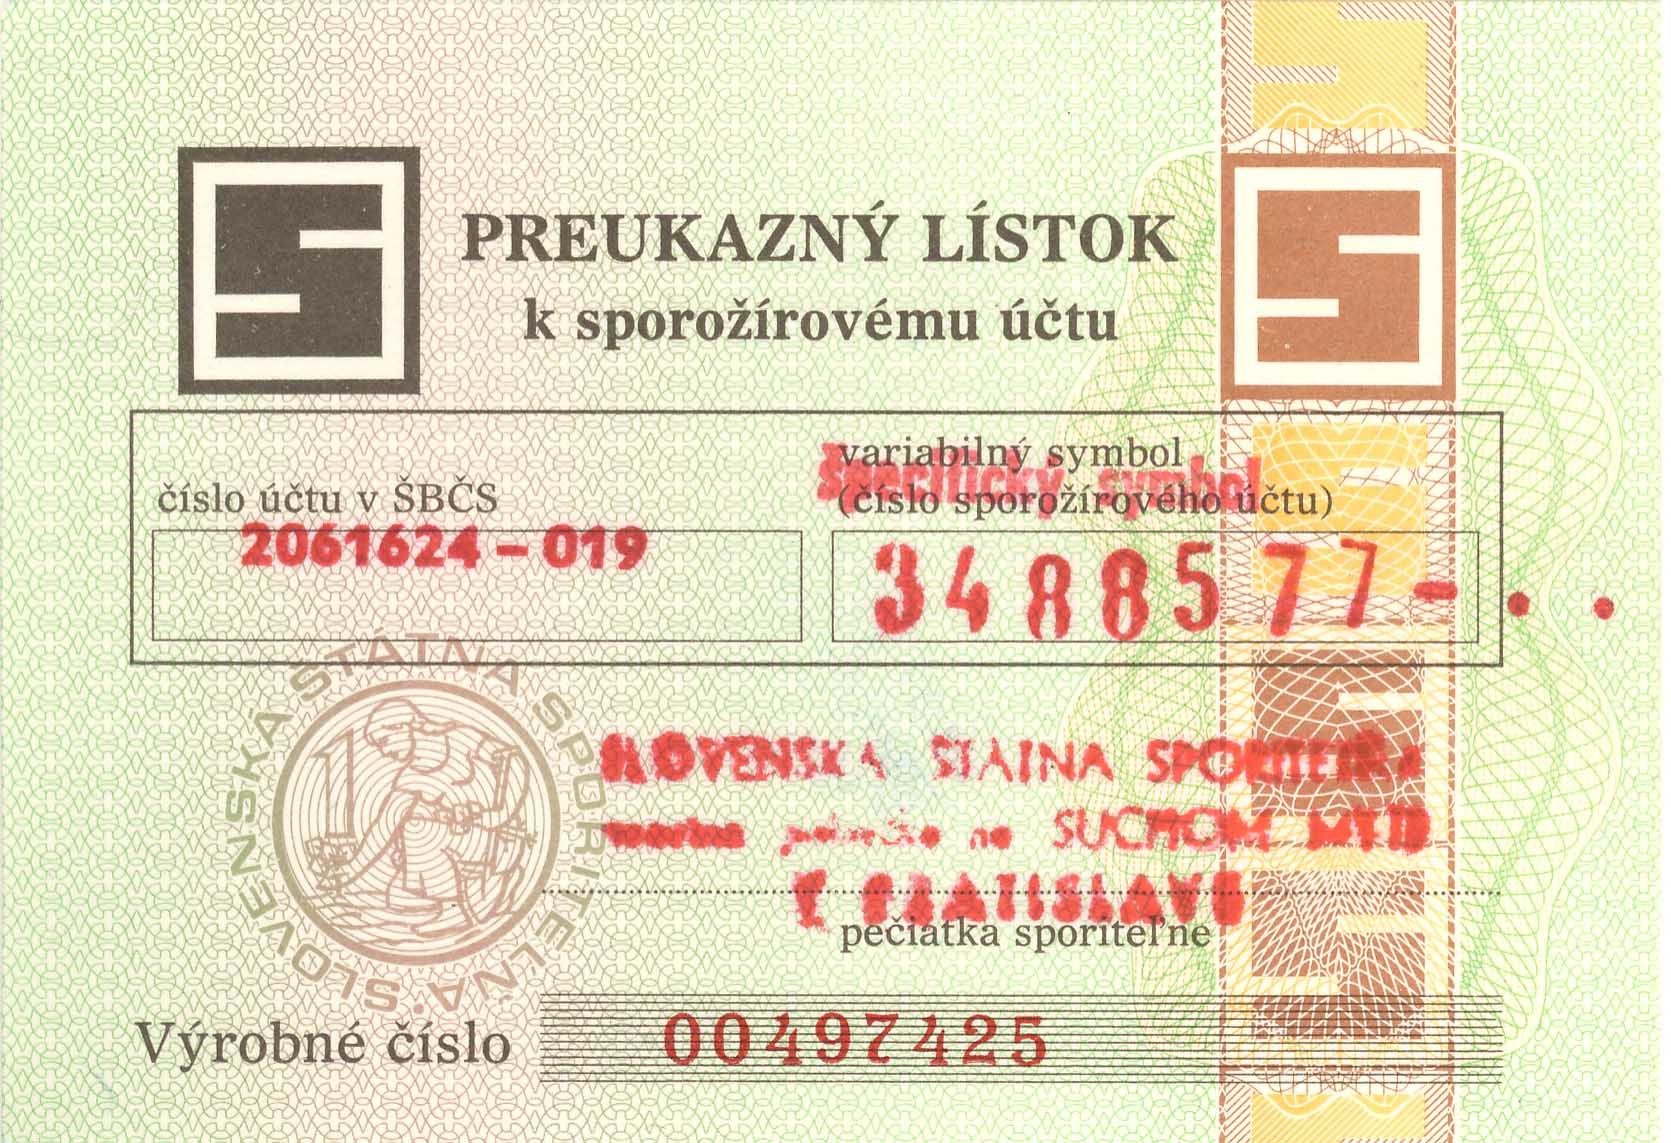 Preukazný lístok